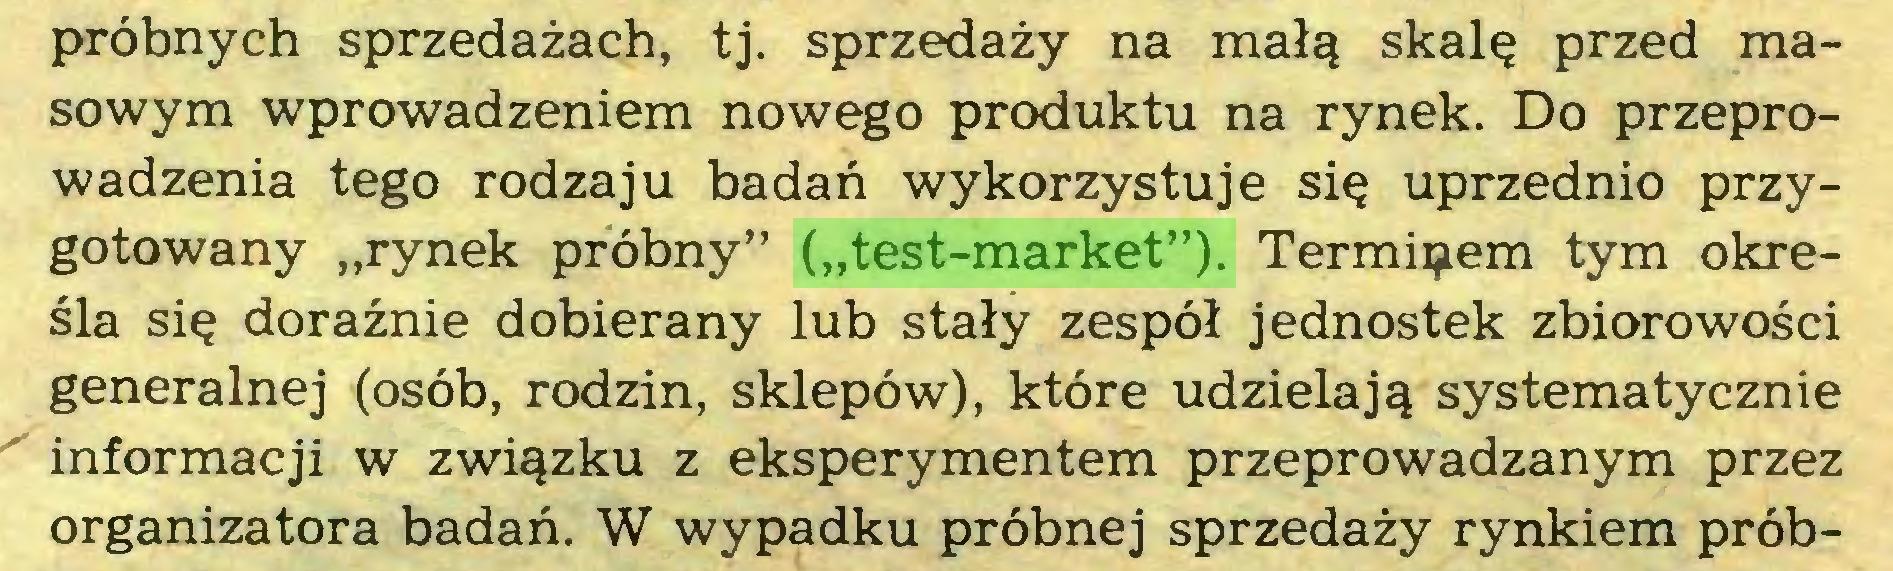 """(...) próbnych sprzedażach, tj. sprzedaży na małą skalę przed masowym wprowadzeniem nowego produktu na rynek. Do przeprowadzenia tego rodzaju badań wykorzystuje się uprzednio przygotowany """"rynek próbny"""" (""""test-market""""). Terminem tym określa się doraźnie dobierany lub stały zespół jednostek zbiorowości generalnej (osób, rodzin, sklepów), które udzielają systematycznie informacji w związku z eksperymentem przeprowadzanym przez organizatora badań. W wypadku próbnej sprzedaży rynkiem prób..."""